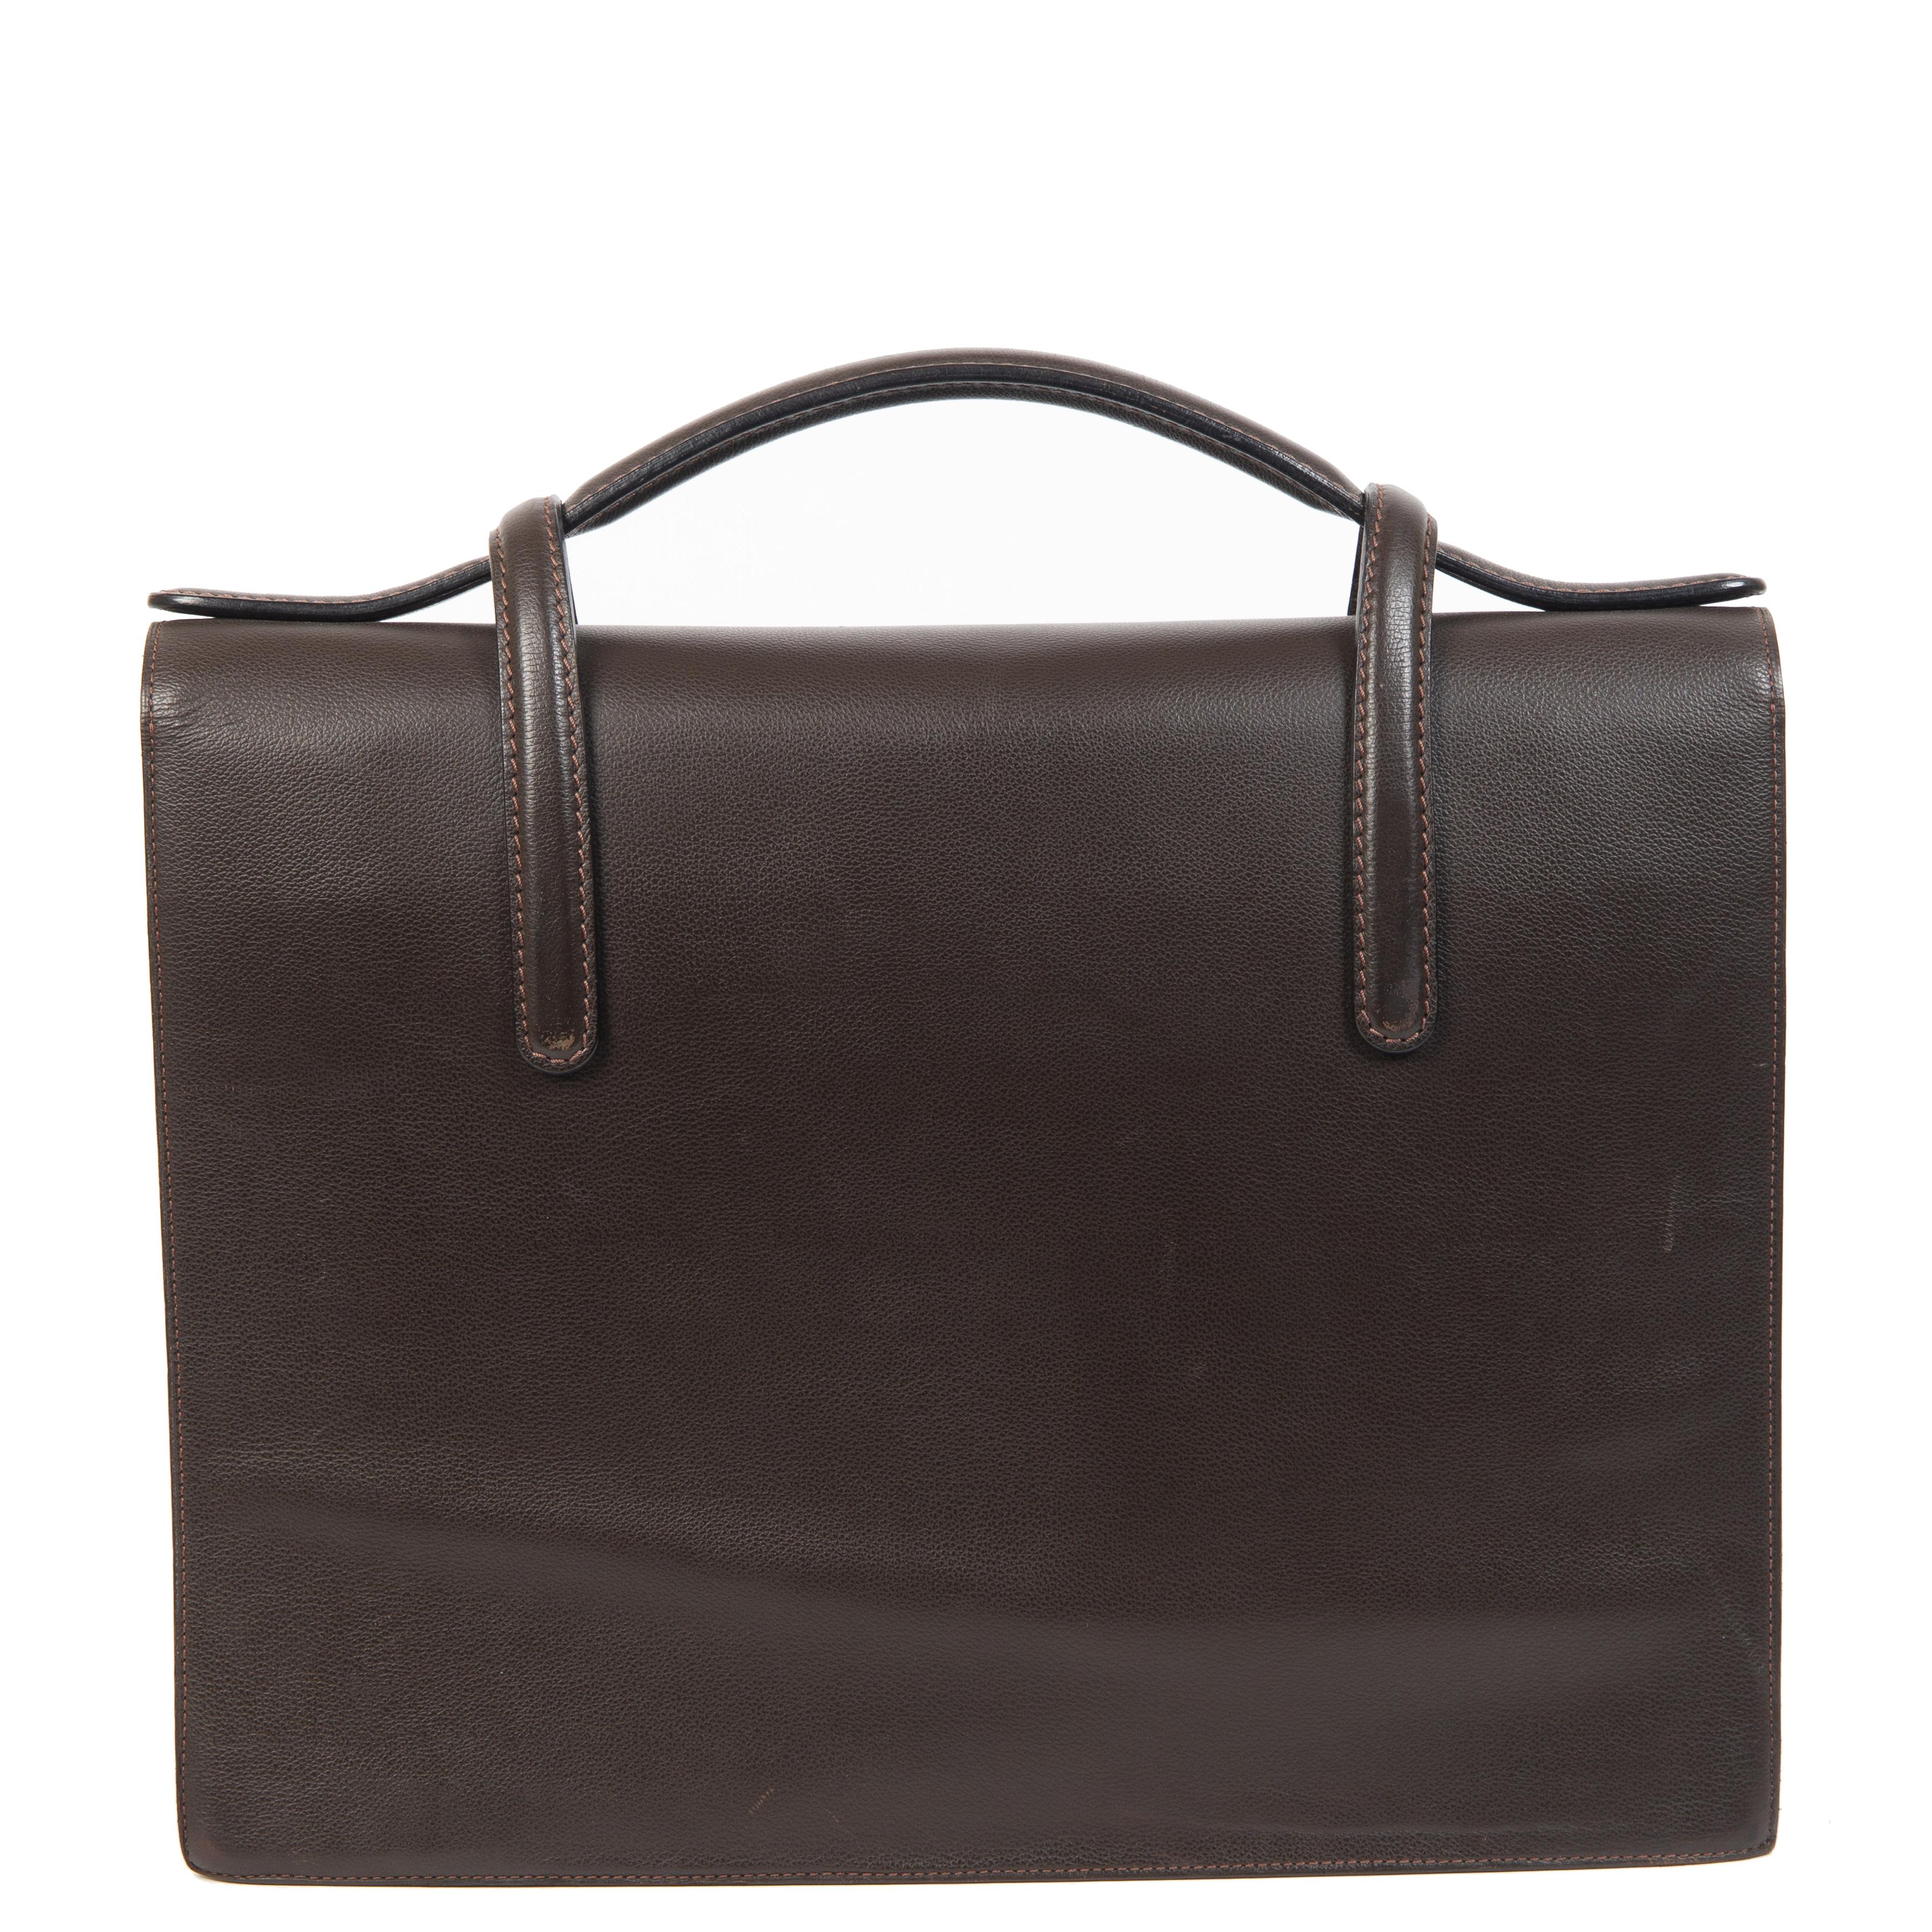 Authentieke Tweedehands Delvaux Dark Brown Briefcase juiste prijs veilig online shoppen luxe merken webshop winkelen Antwerpen België mode fashion